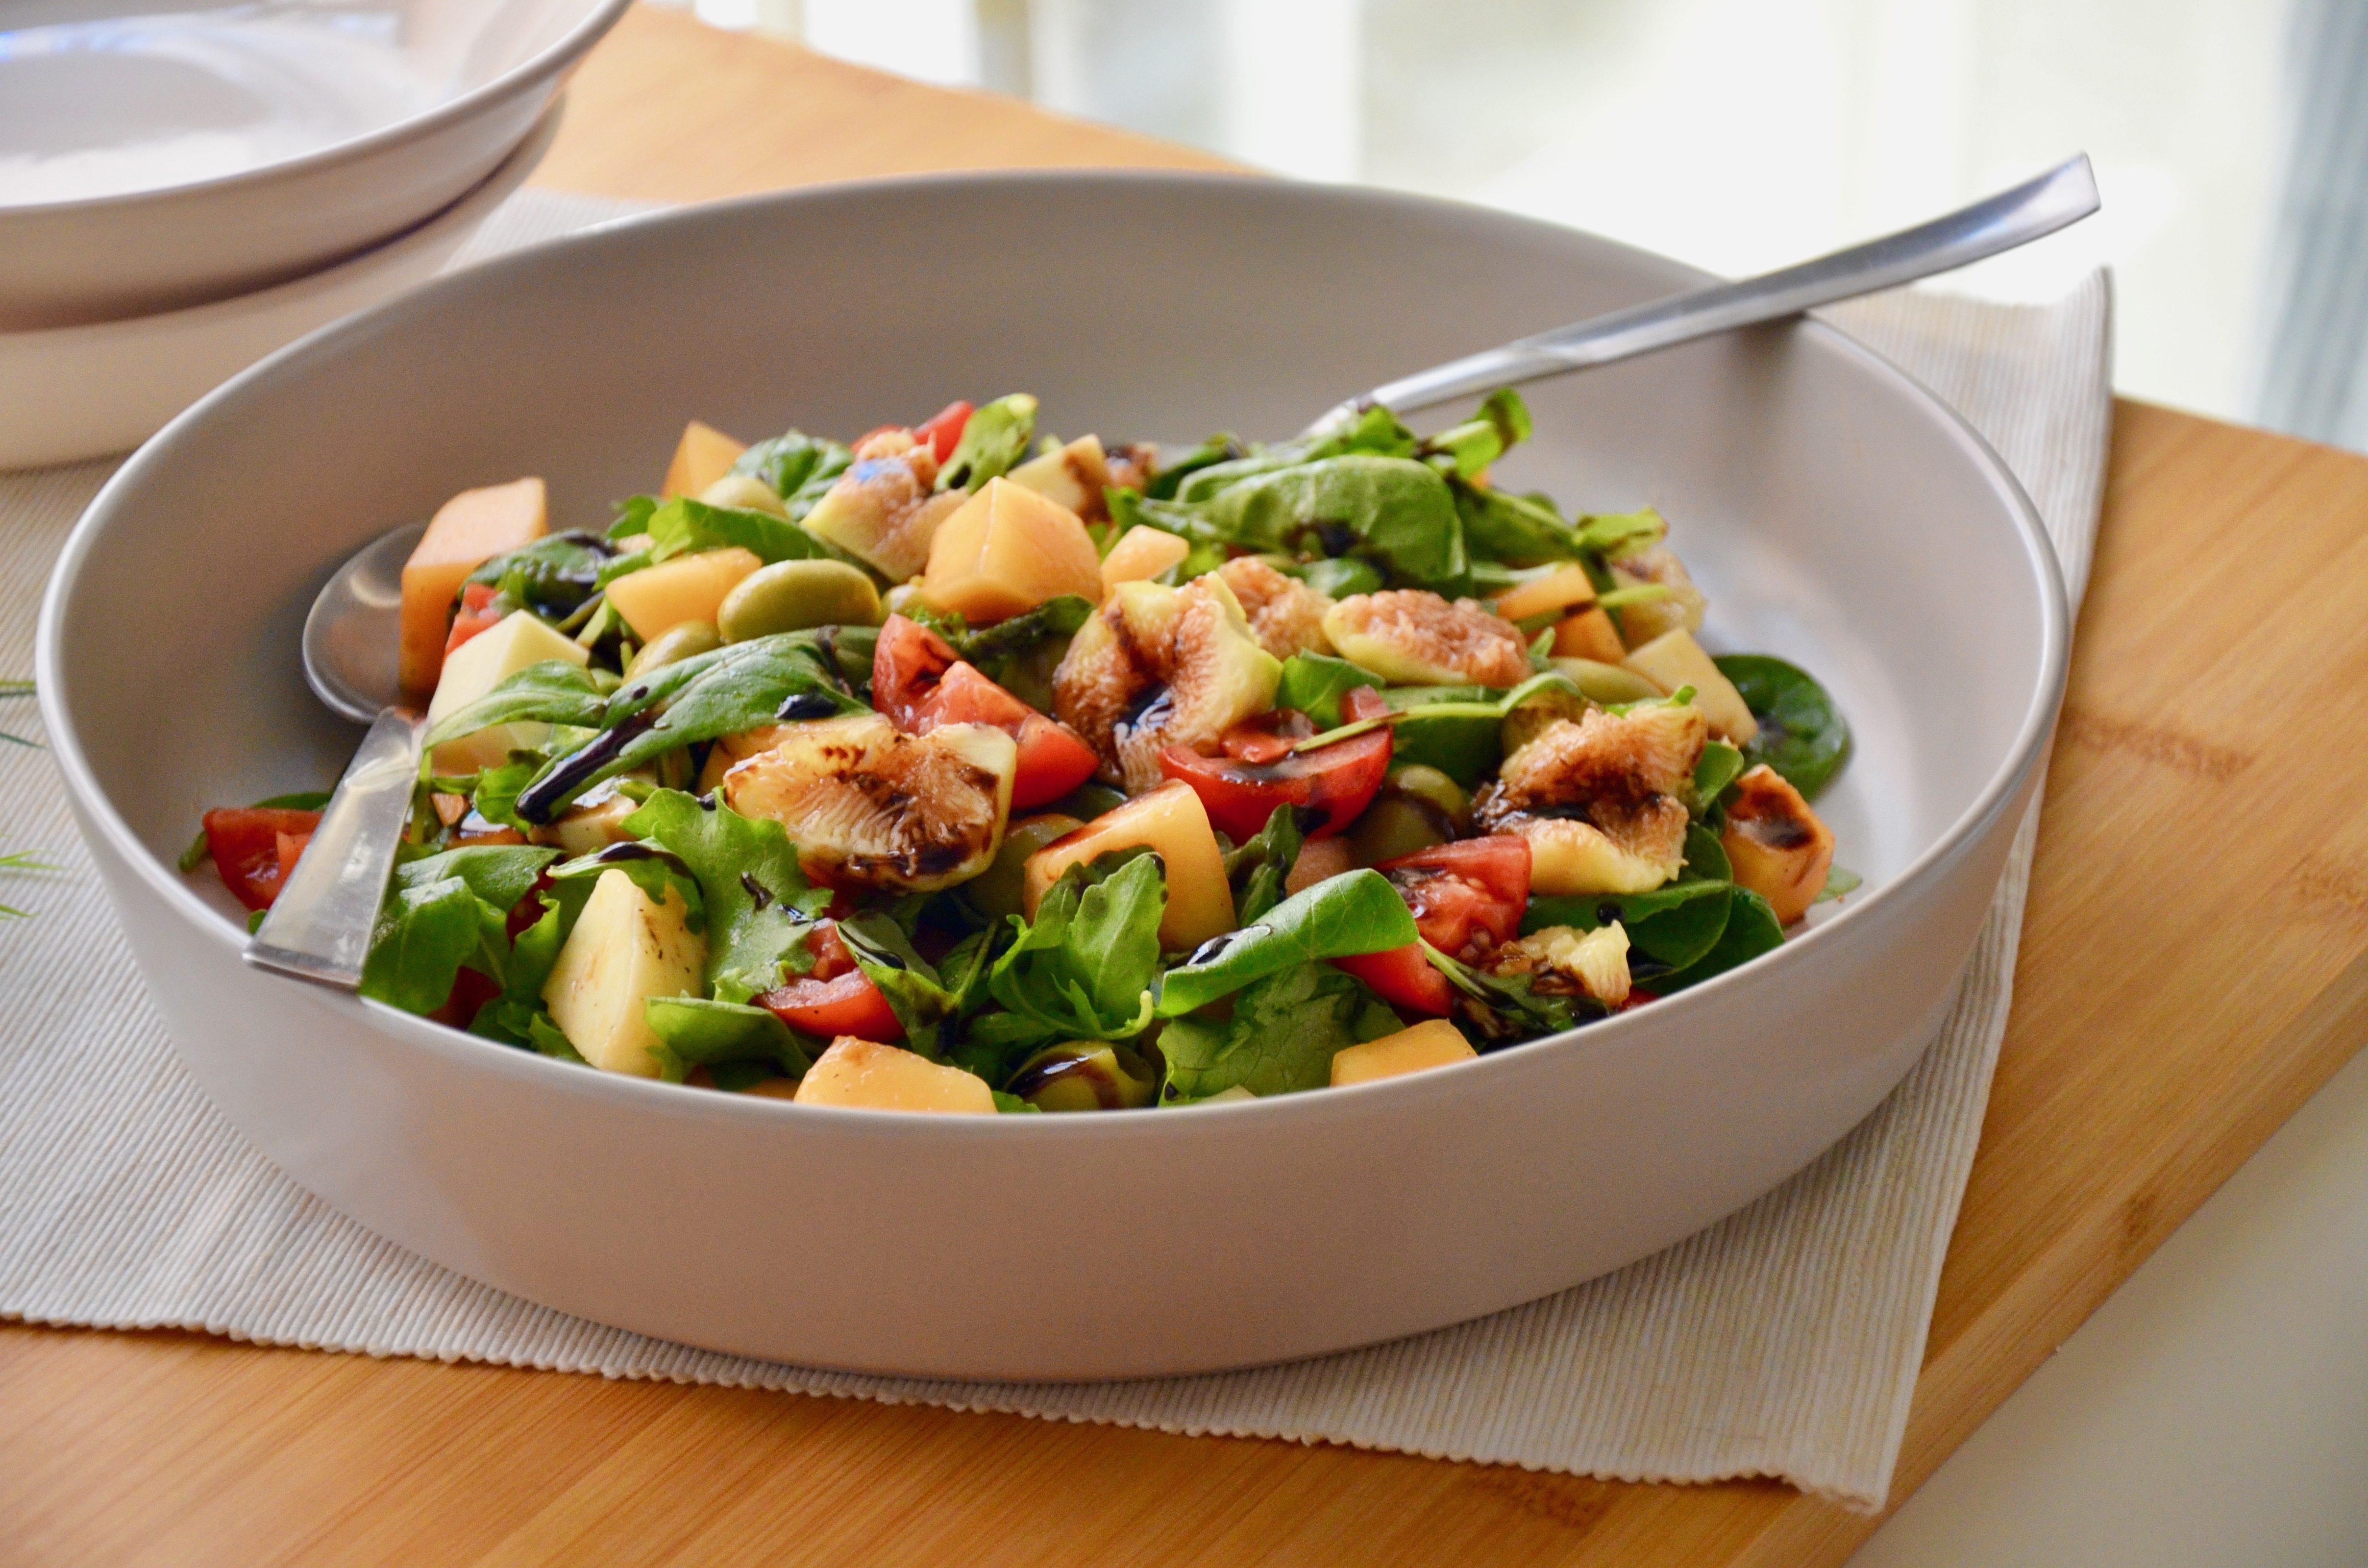 Insalata di melone: la ricetta del contorno fresco, leggero e gustoso